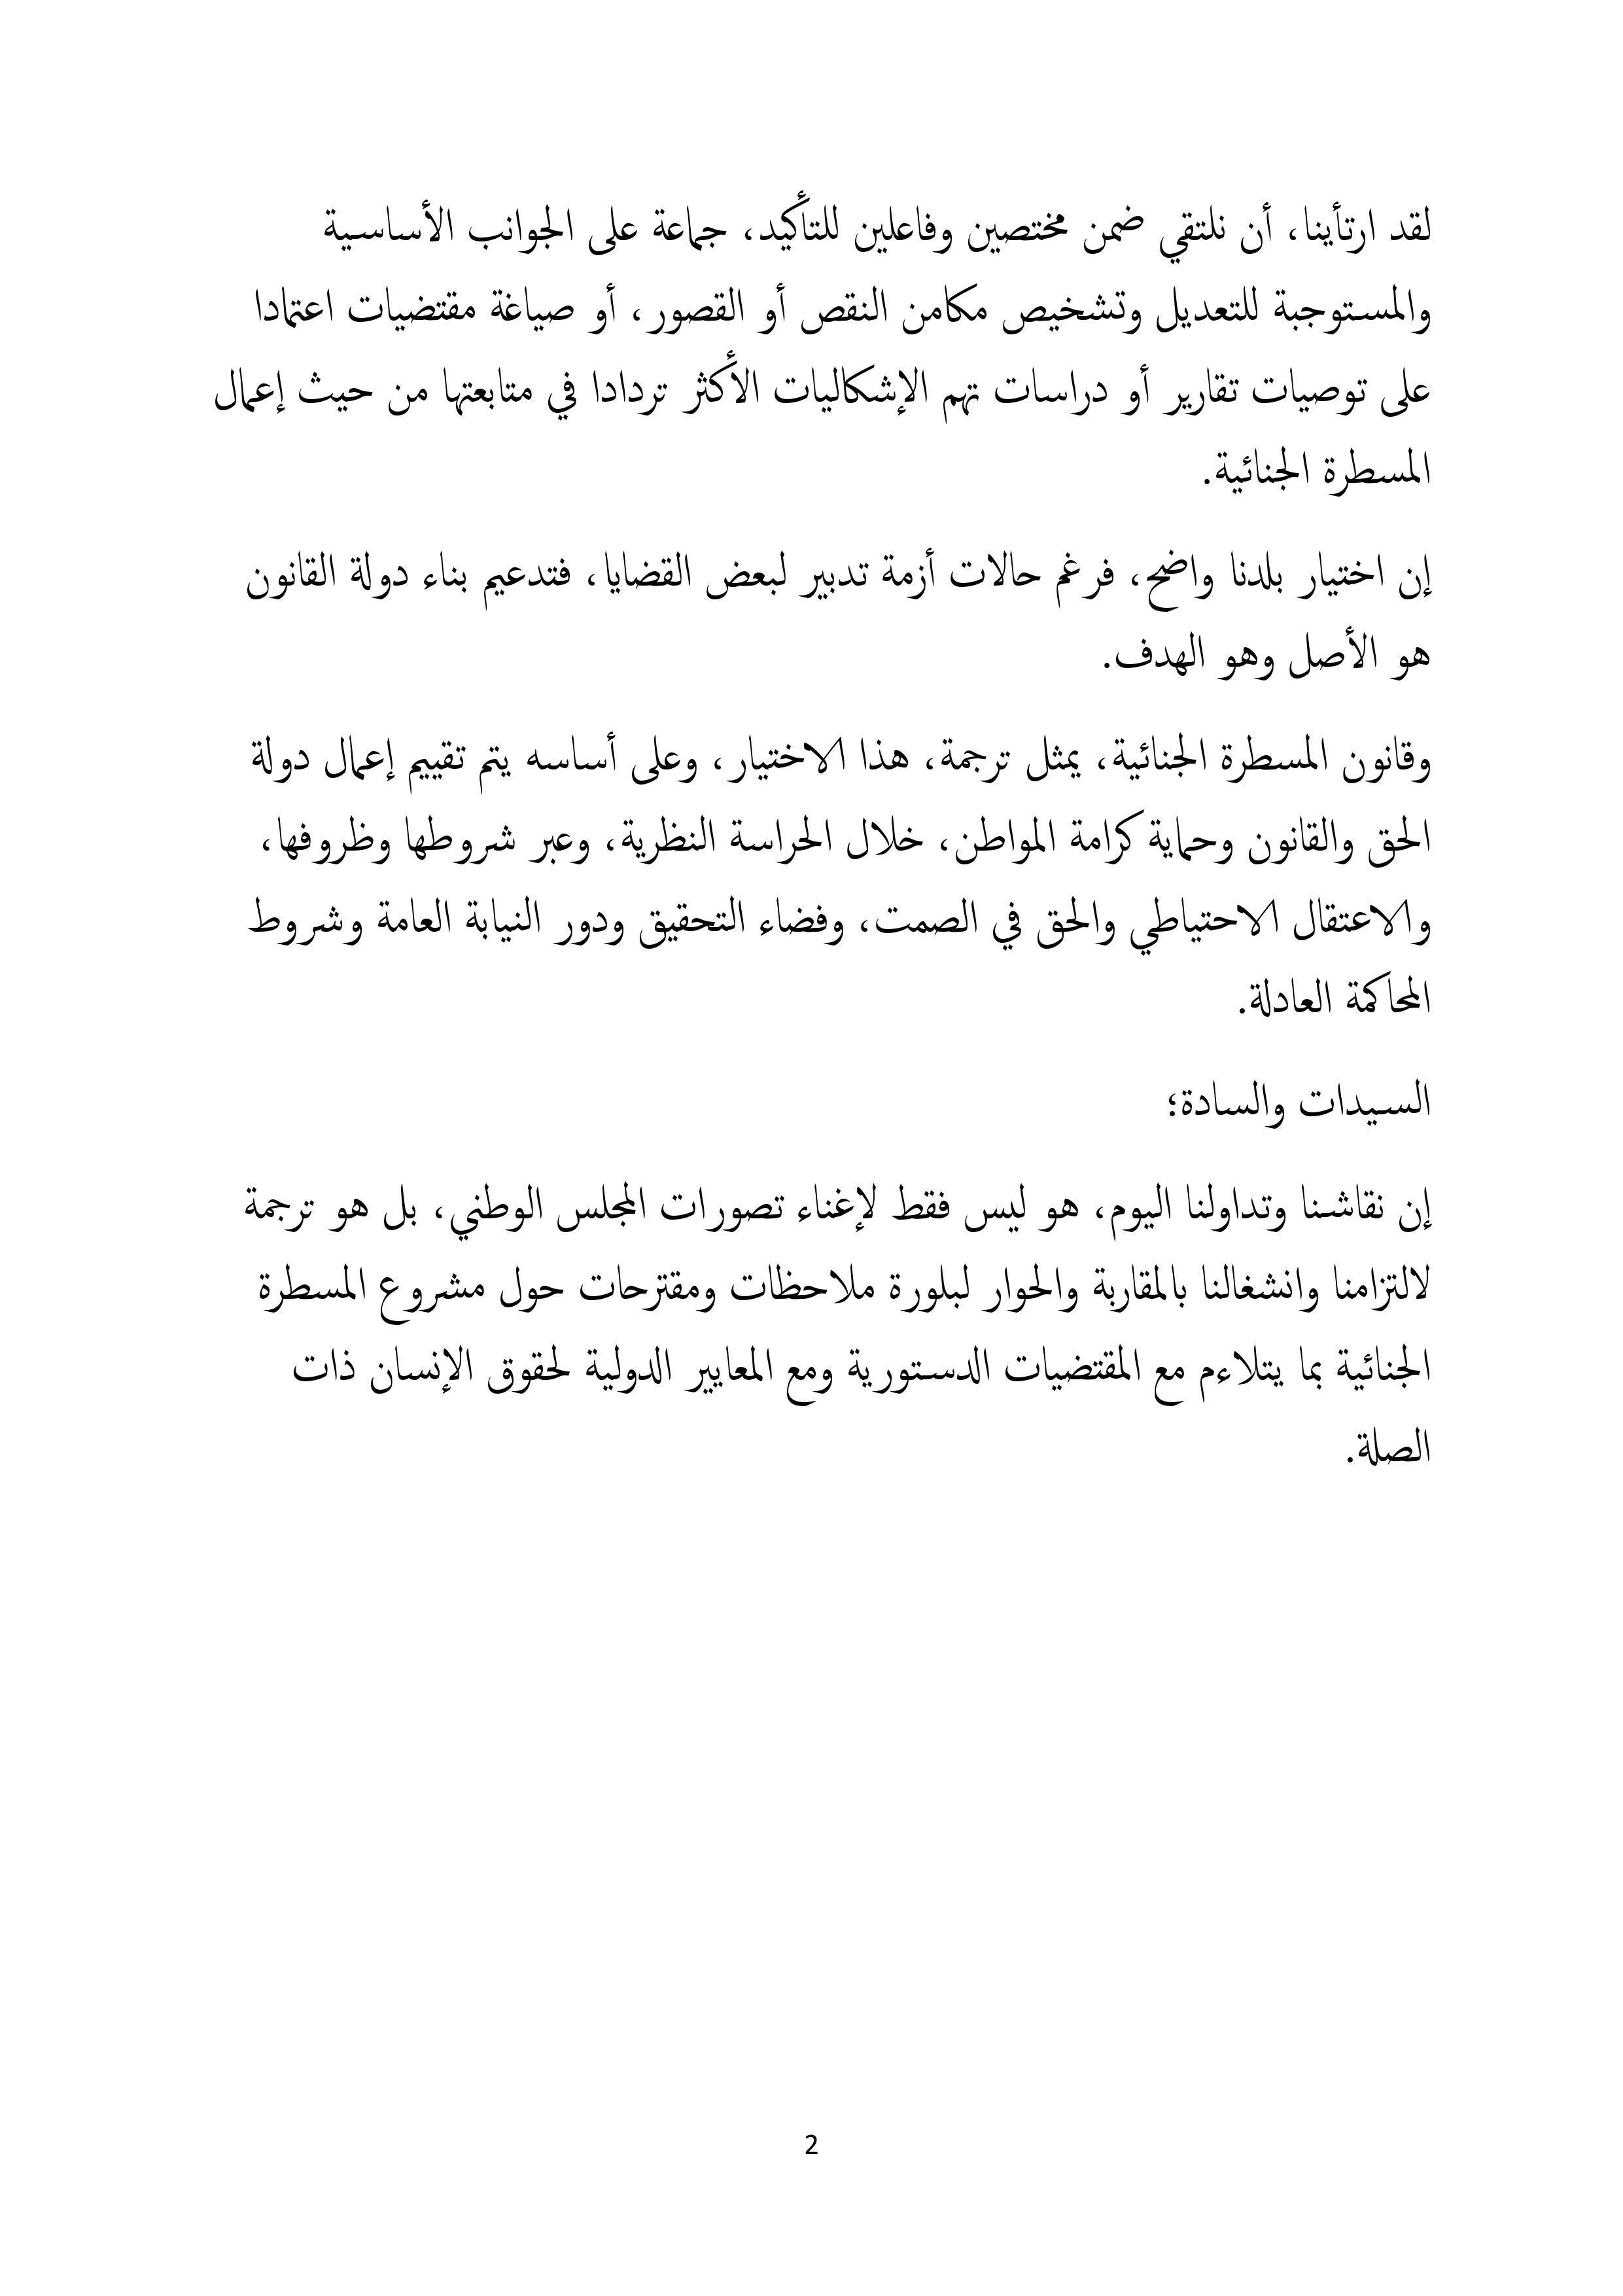 ذة أمينة بوعياش: من الضروري مساهمة الجميع من أجل إنجاح القطيعة ومناهضة التعذيب